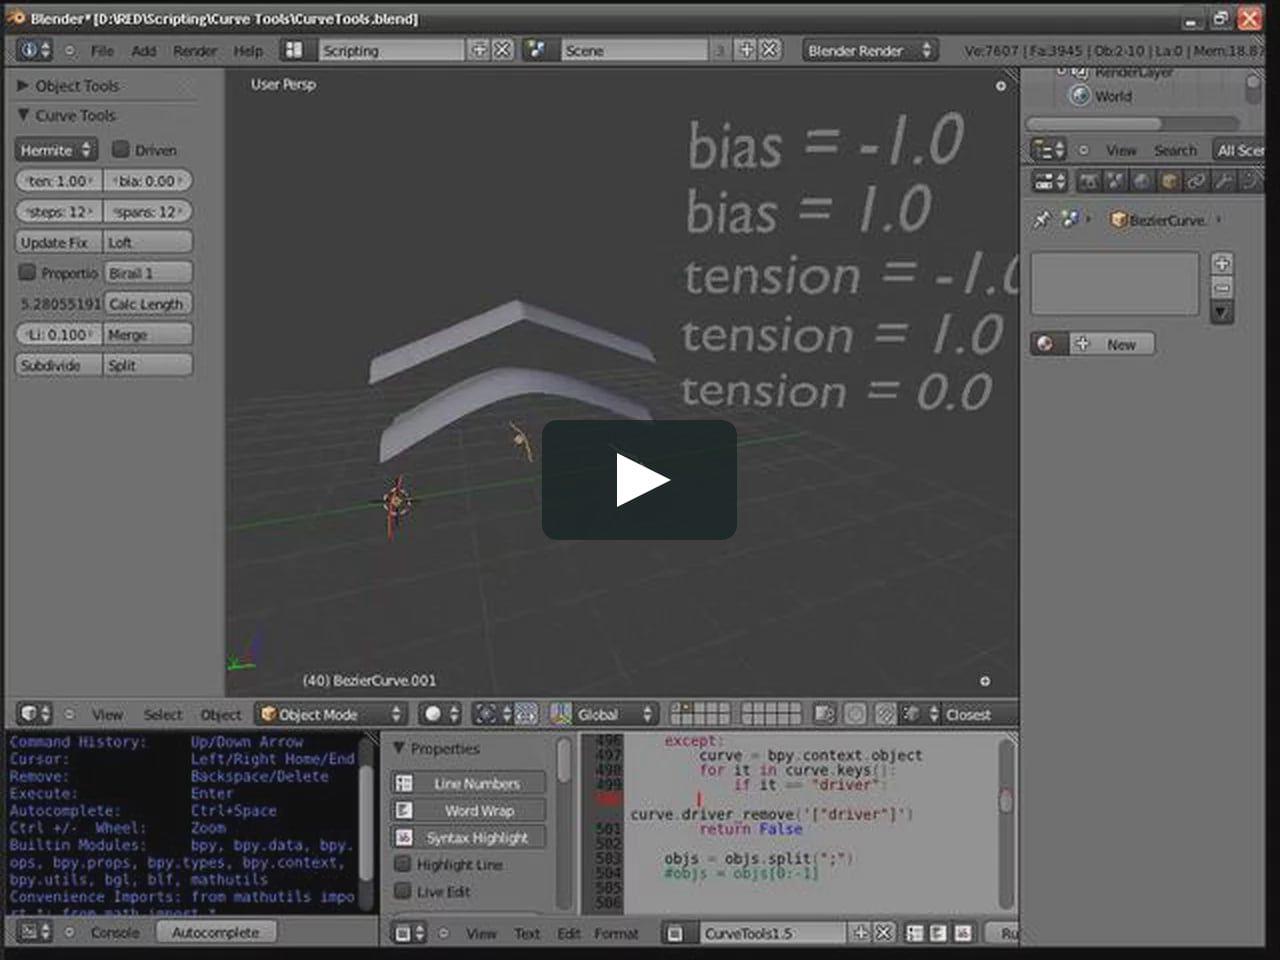 Curve Tools 1 5 | Cool Art - 3D and Stuff | Blender 3d, Curves, Cool art